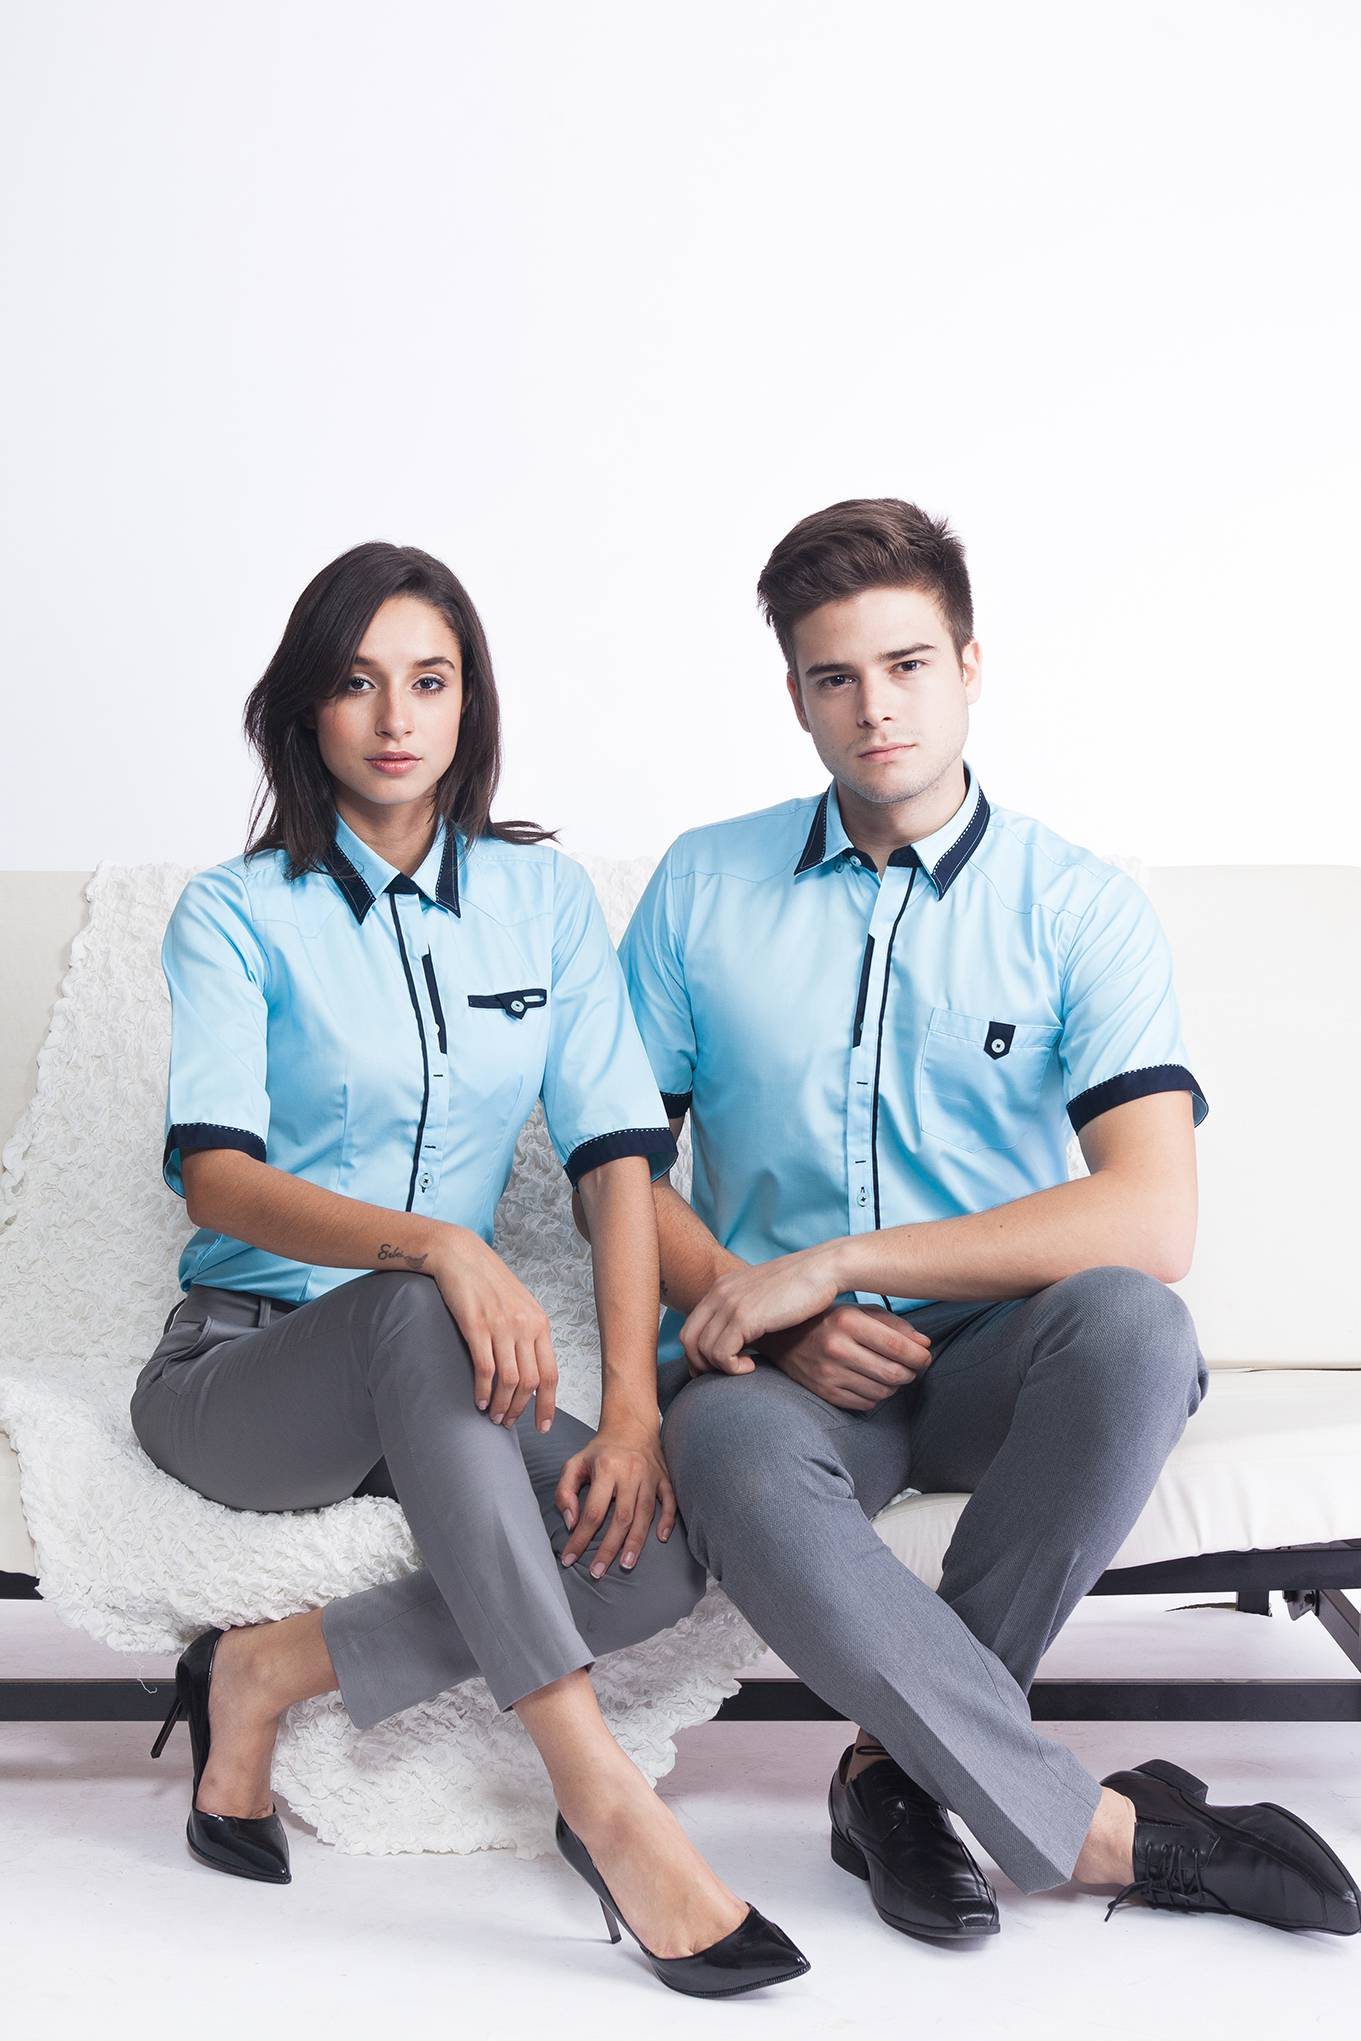 F1 Uniform_masonry